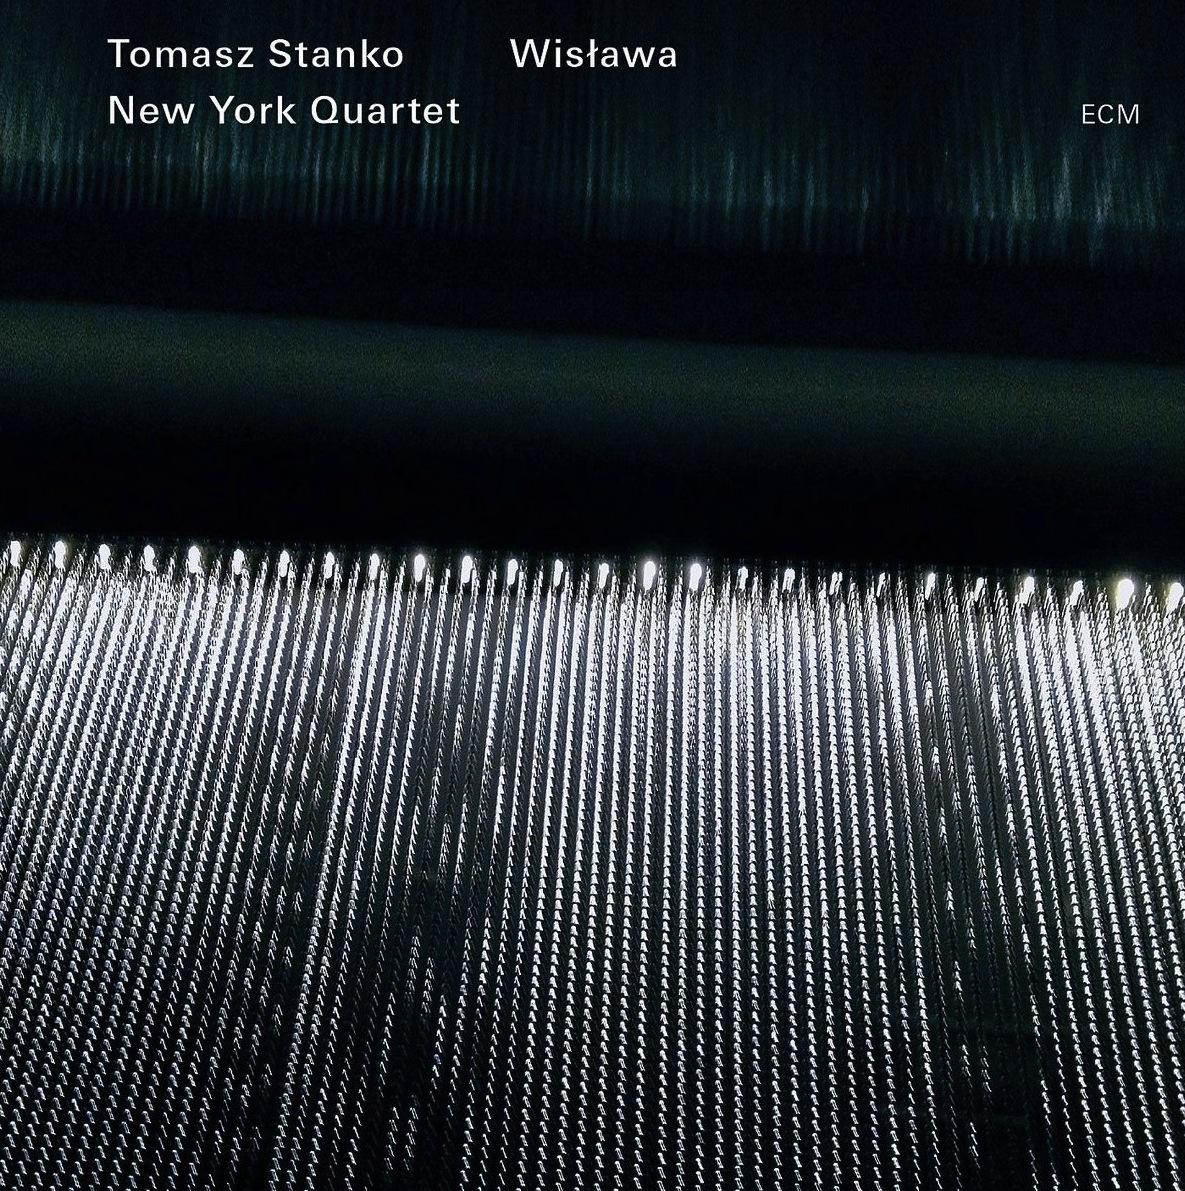 tomasz stanko new york quartet wislawa